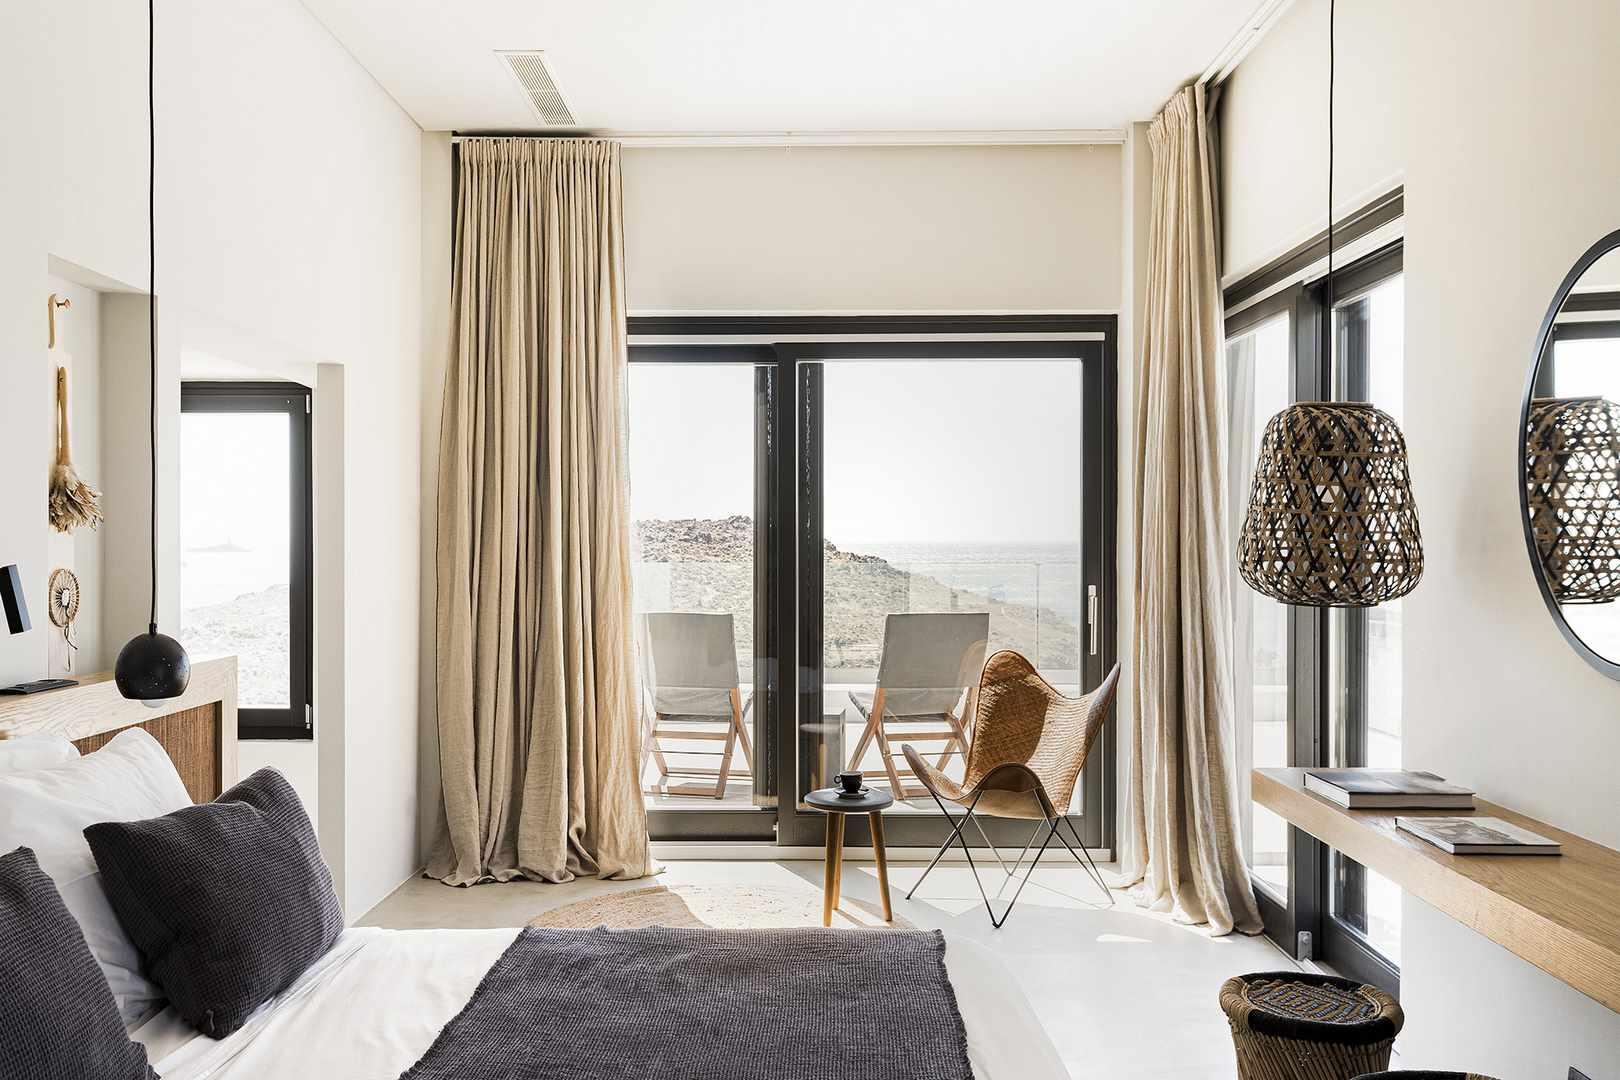 villa aleomandra cove bedroom